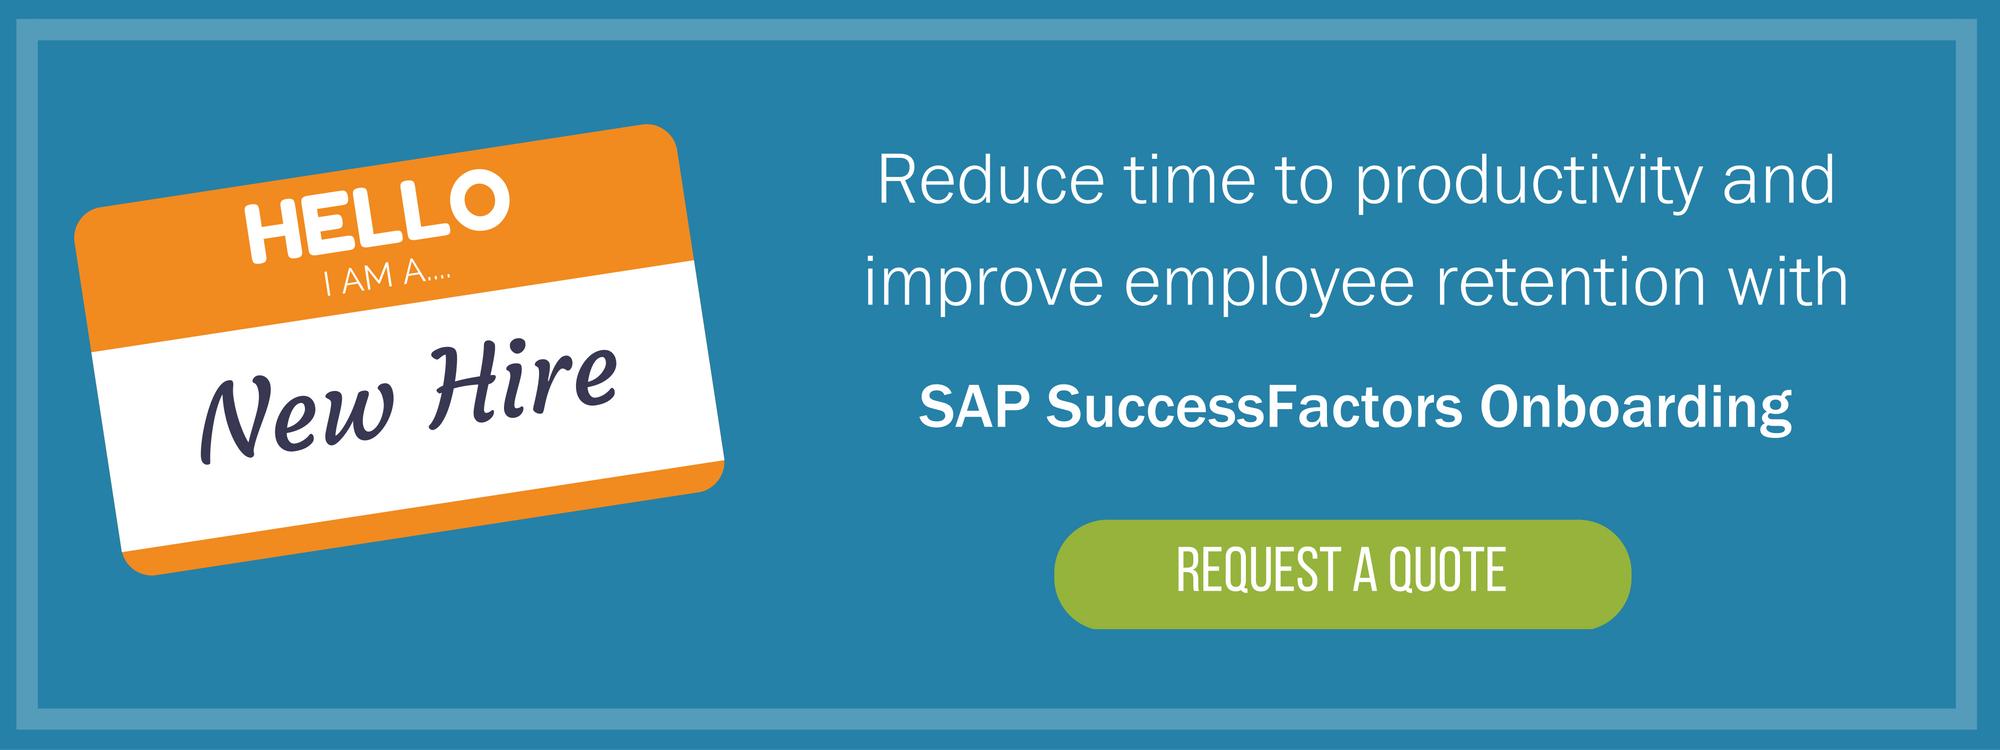 SAP SuccessFactors Onboarding Quote